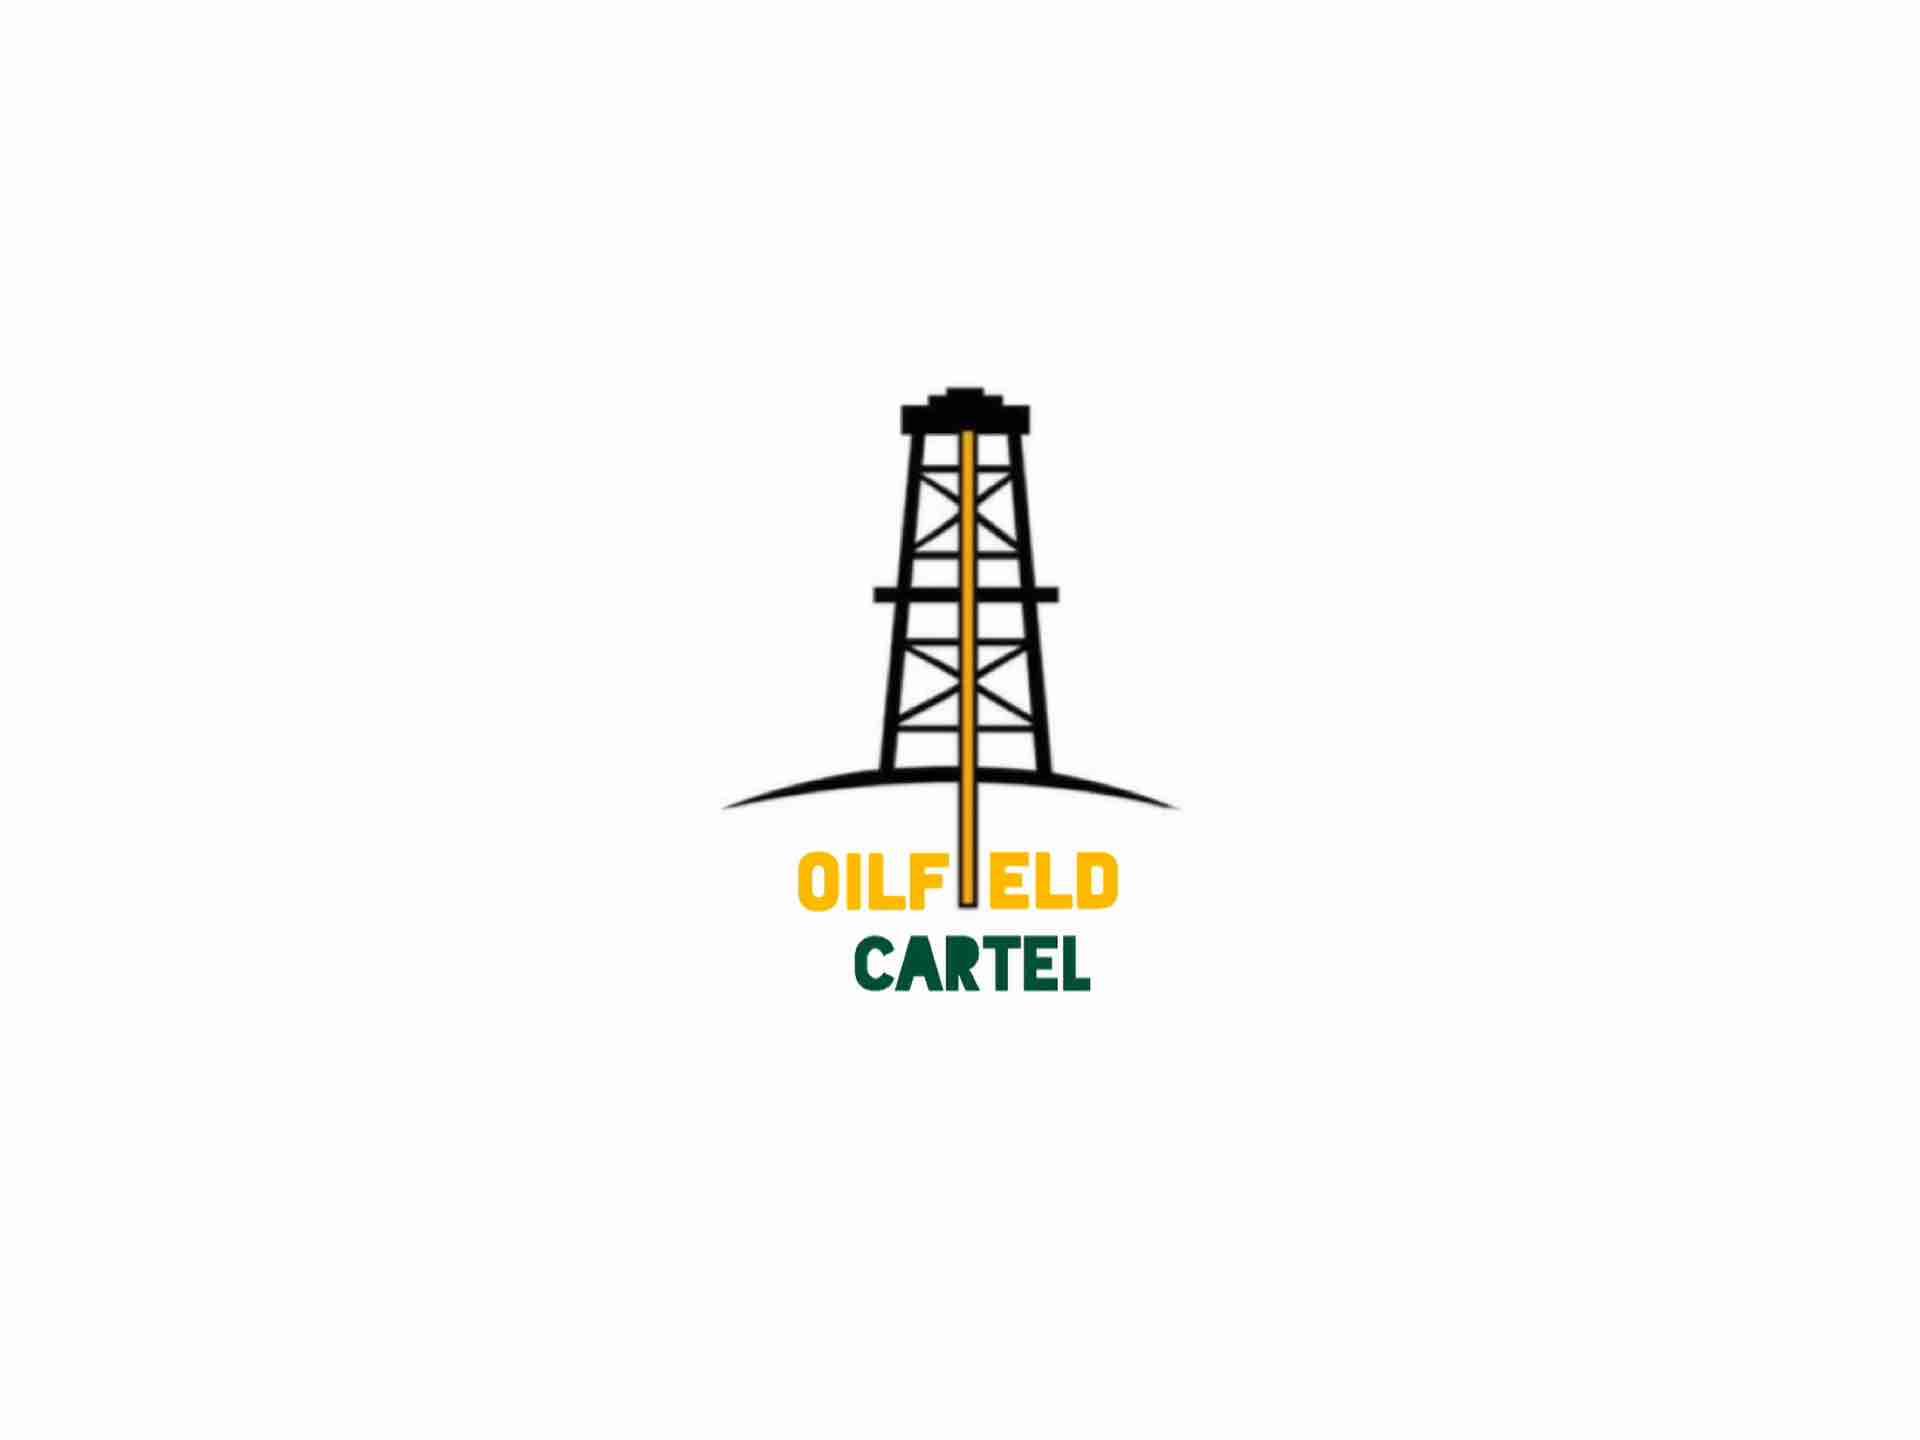 Oilfield Cartel